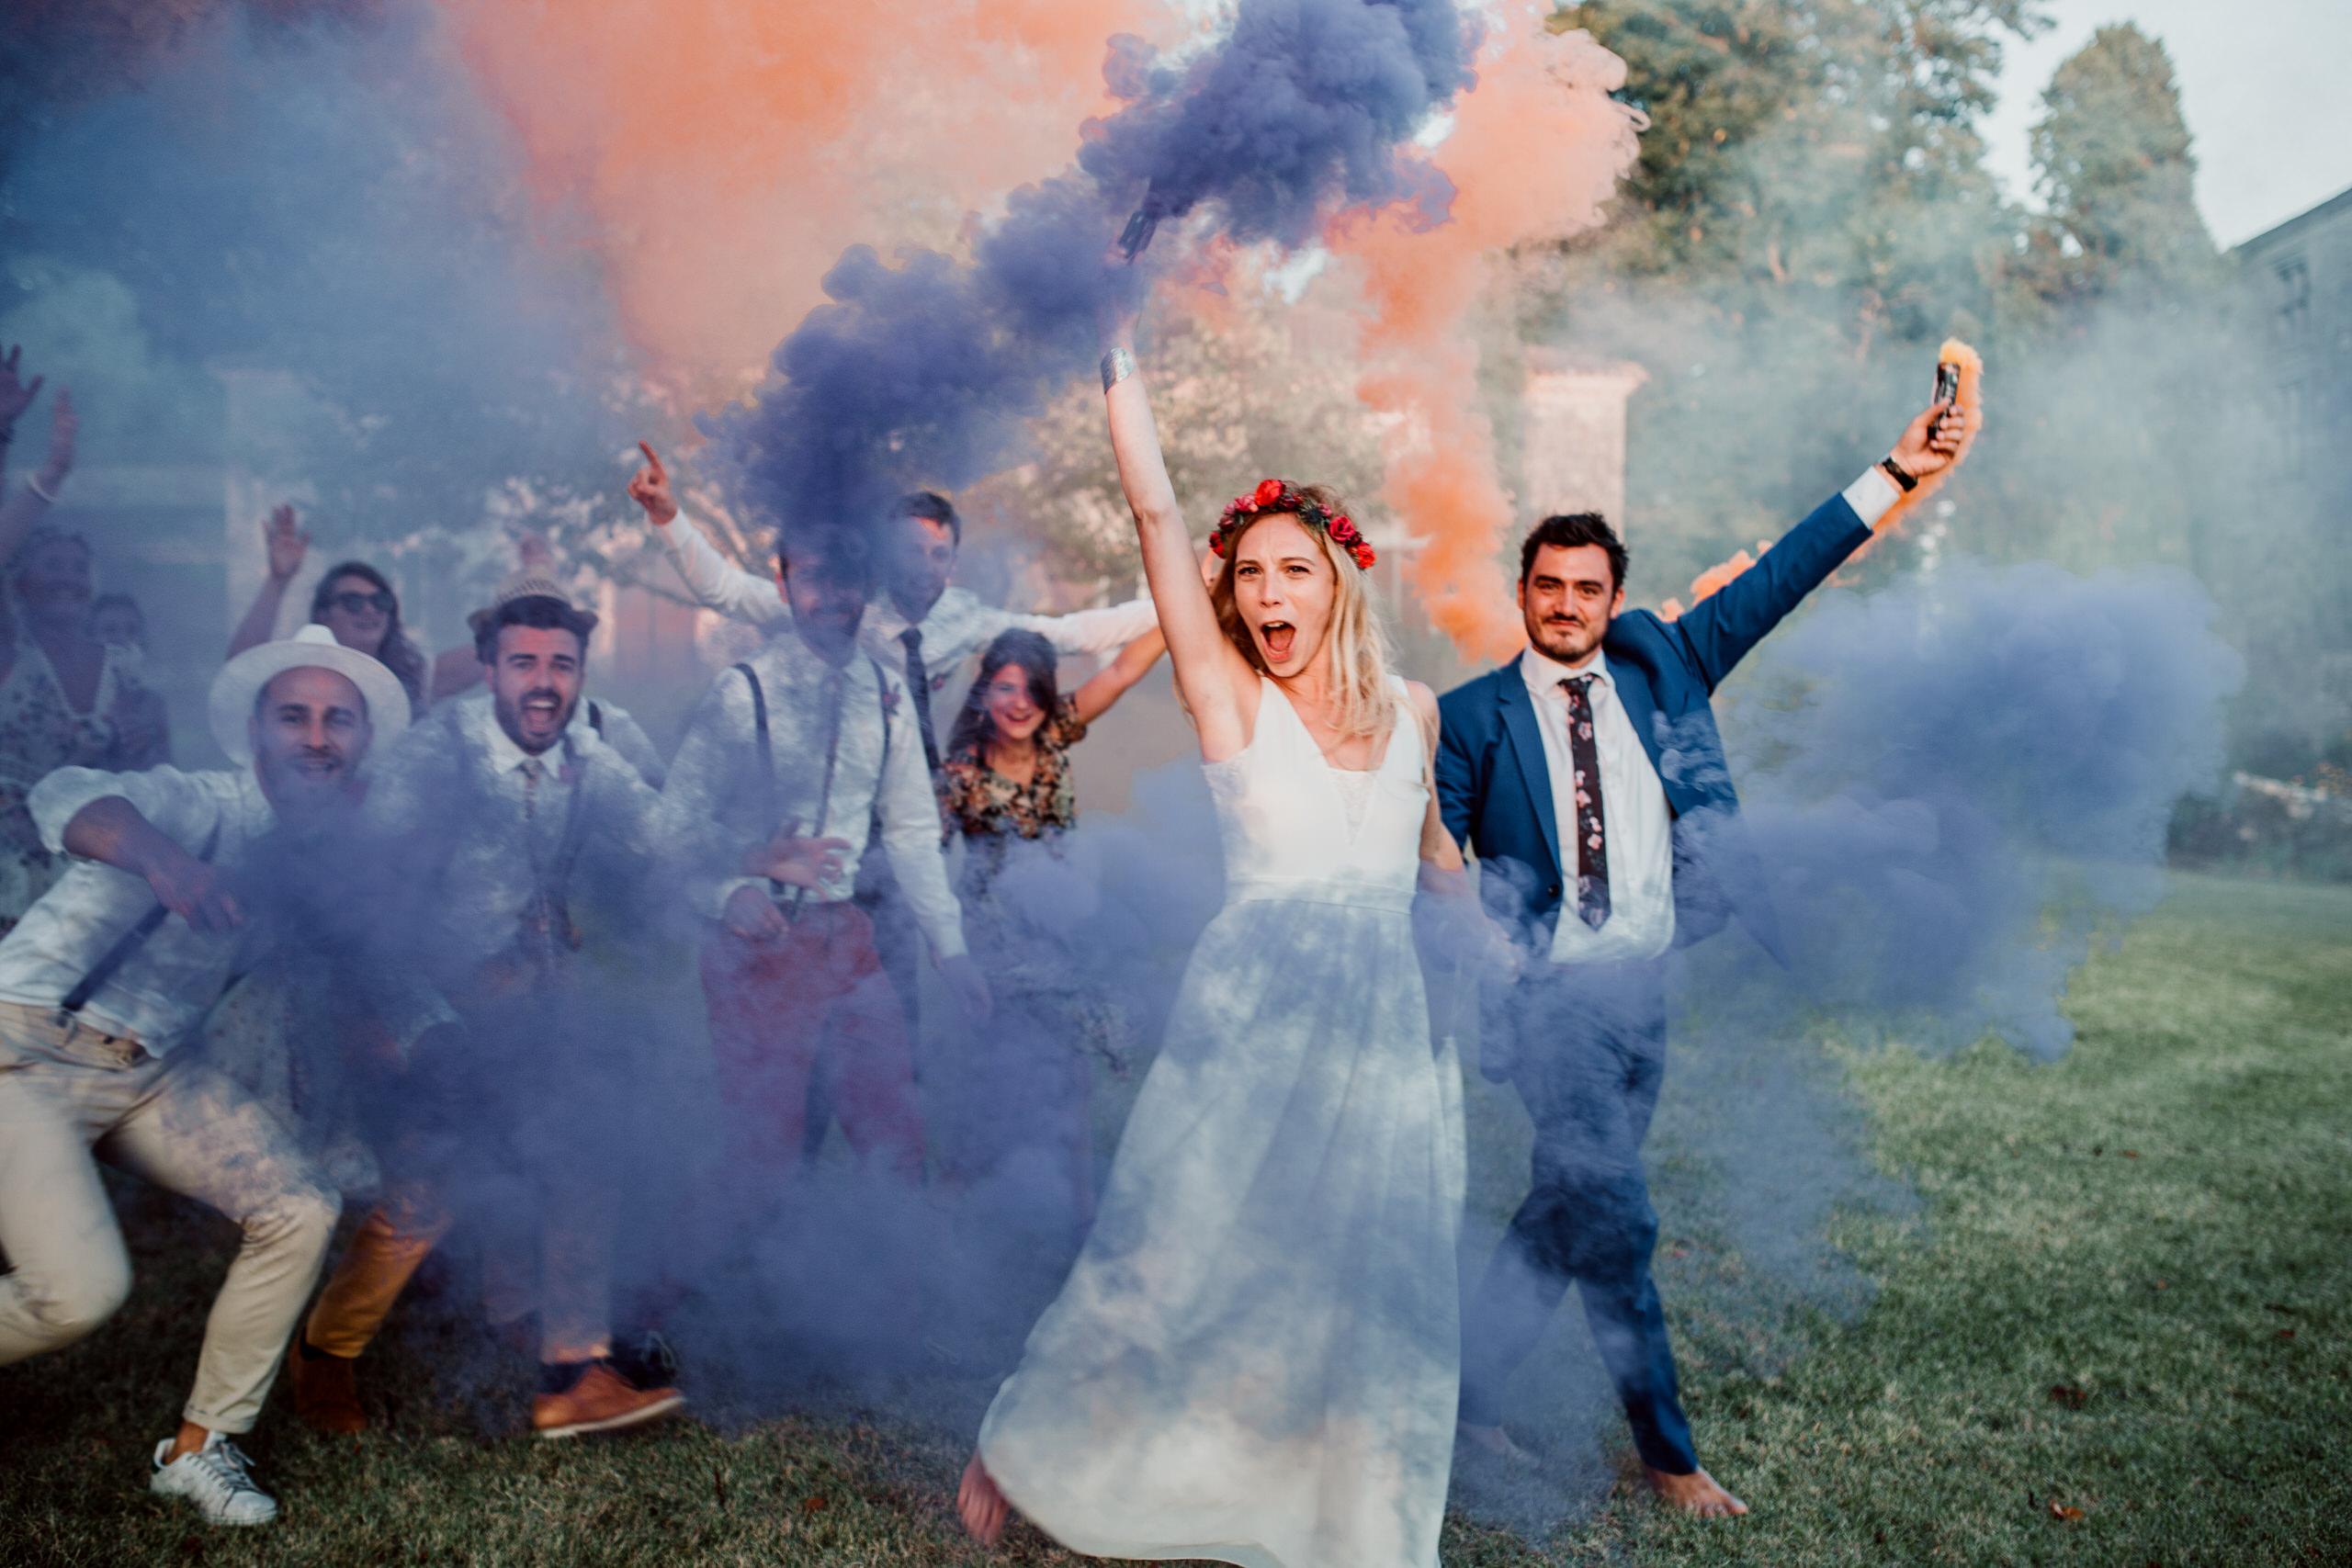 Séance photo fumigène lors du mariage de Marie & Mathias au Chateau de Poudenas